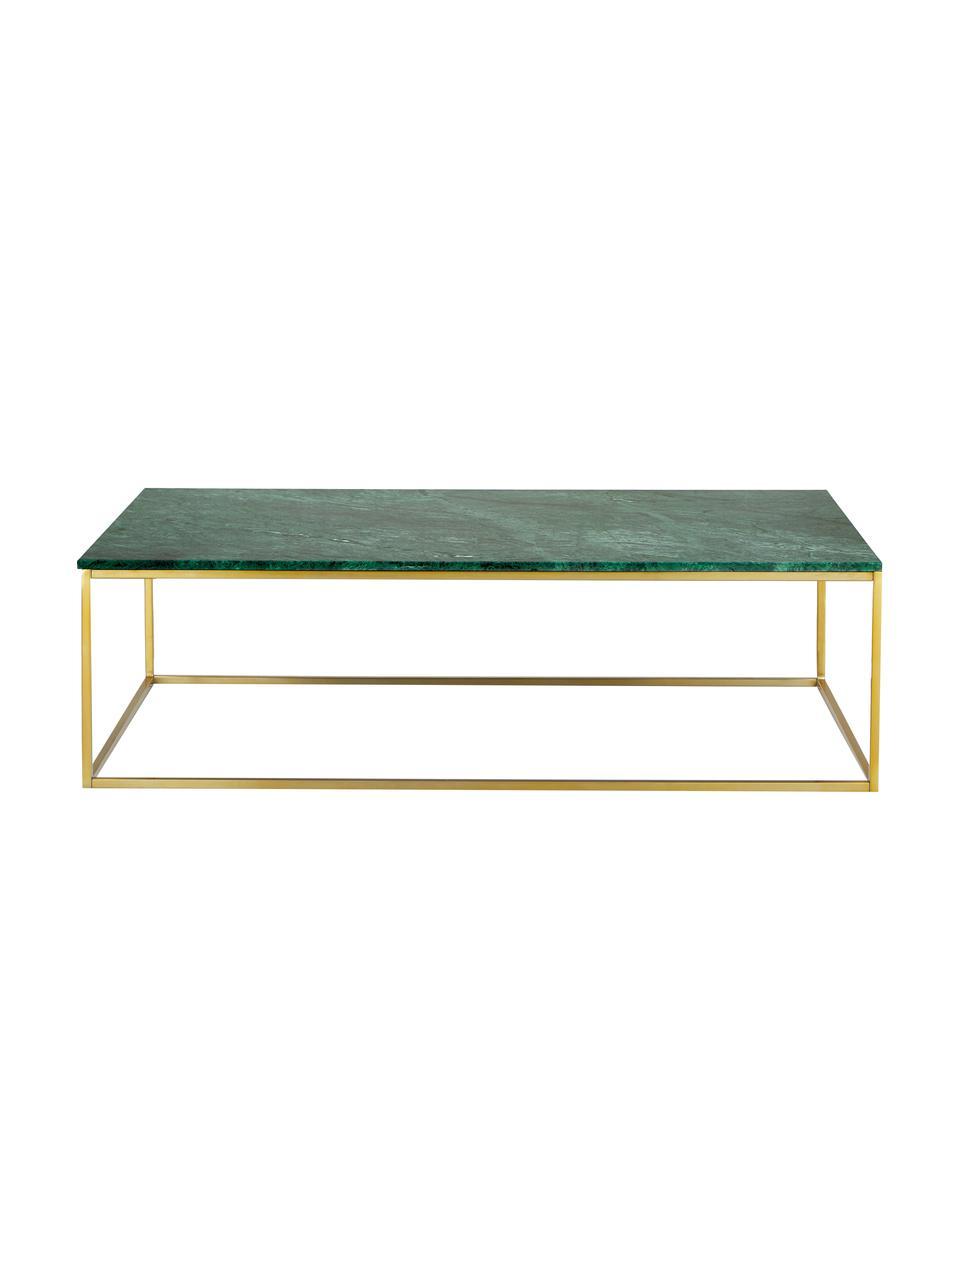 Tavolino da salotto con piano in marmo Alys, Piano d'appoggio: marmo, Struttura: metallo rivestito, Marmo verde, dorato, Larg. 120 x Alt. 35 cm